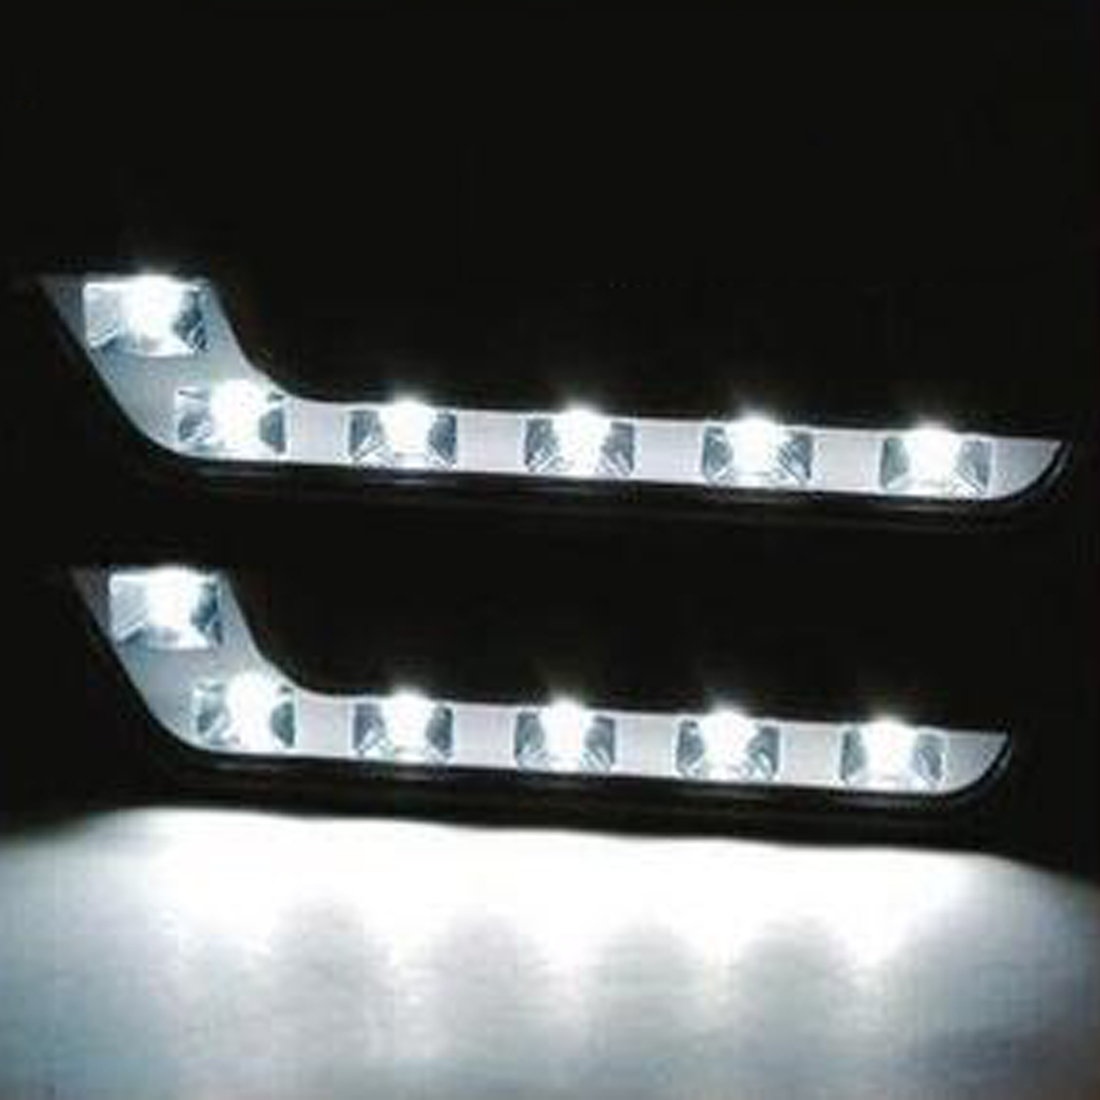 Tonewan 6 Е4 удара светодиодные фары дневного света день Ксеноновые лампы Противотуманные фары вождения парковка Источник света набор DRL W124 с w204 Мерседес